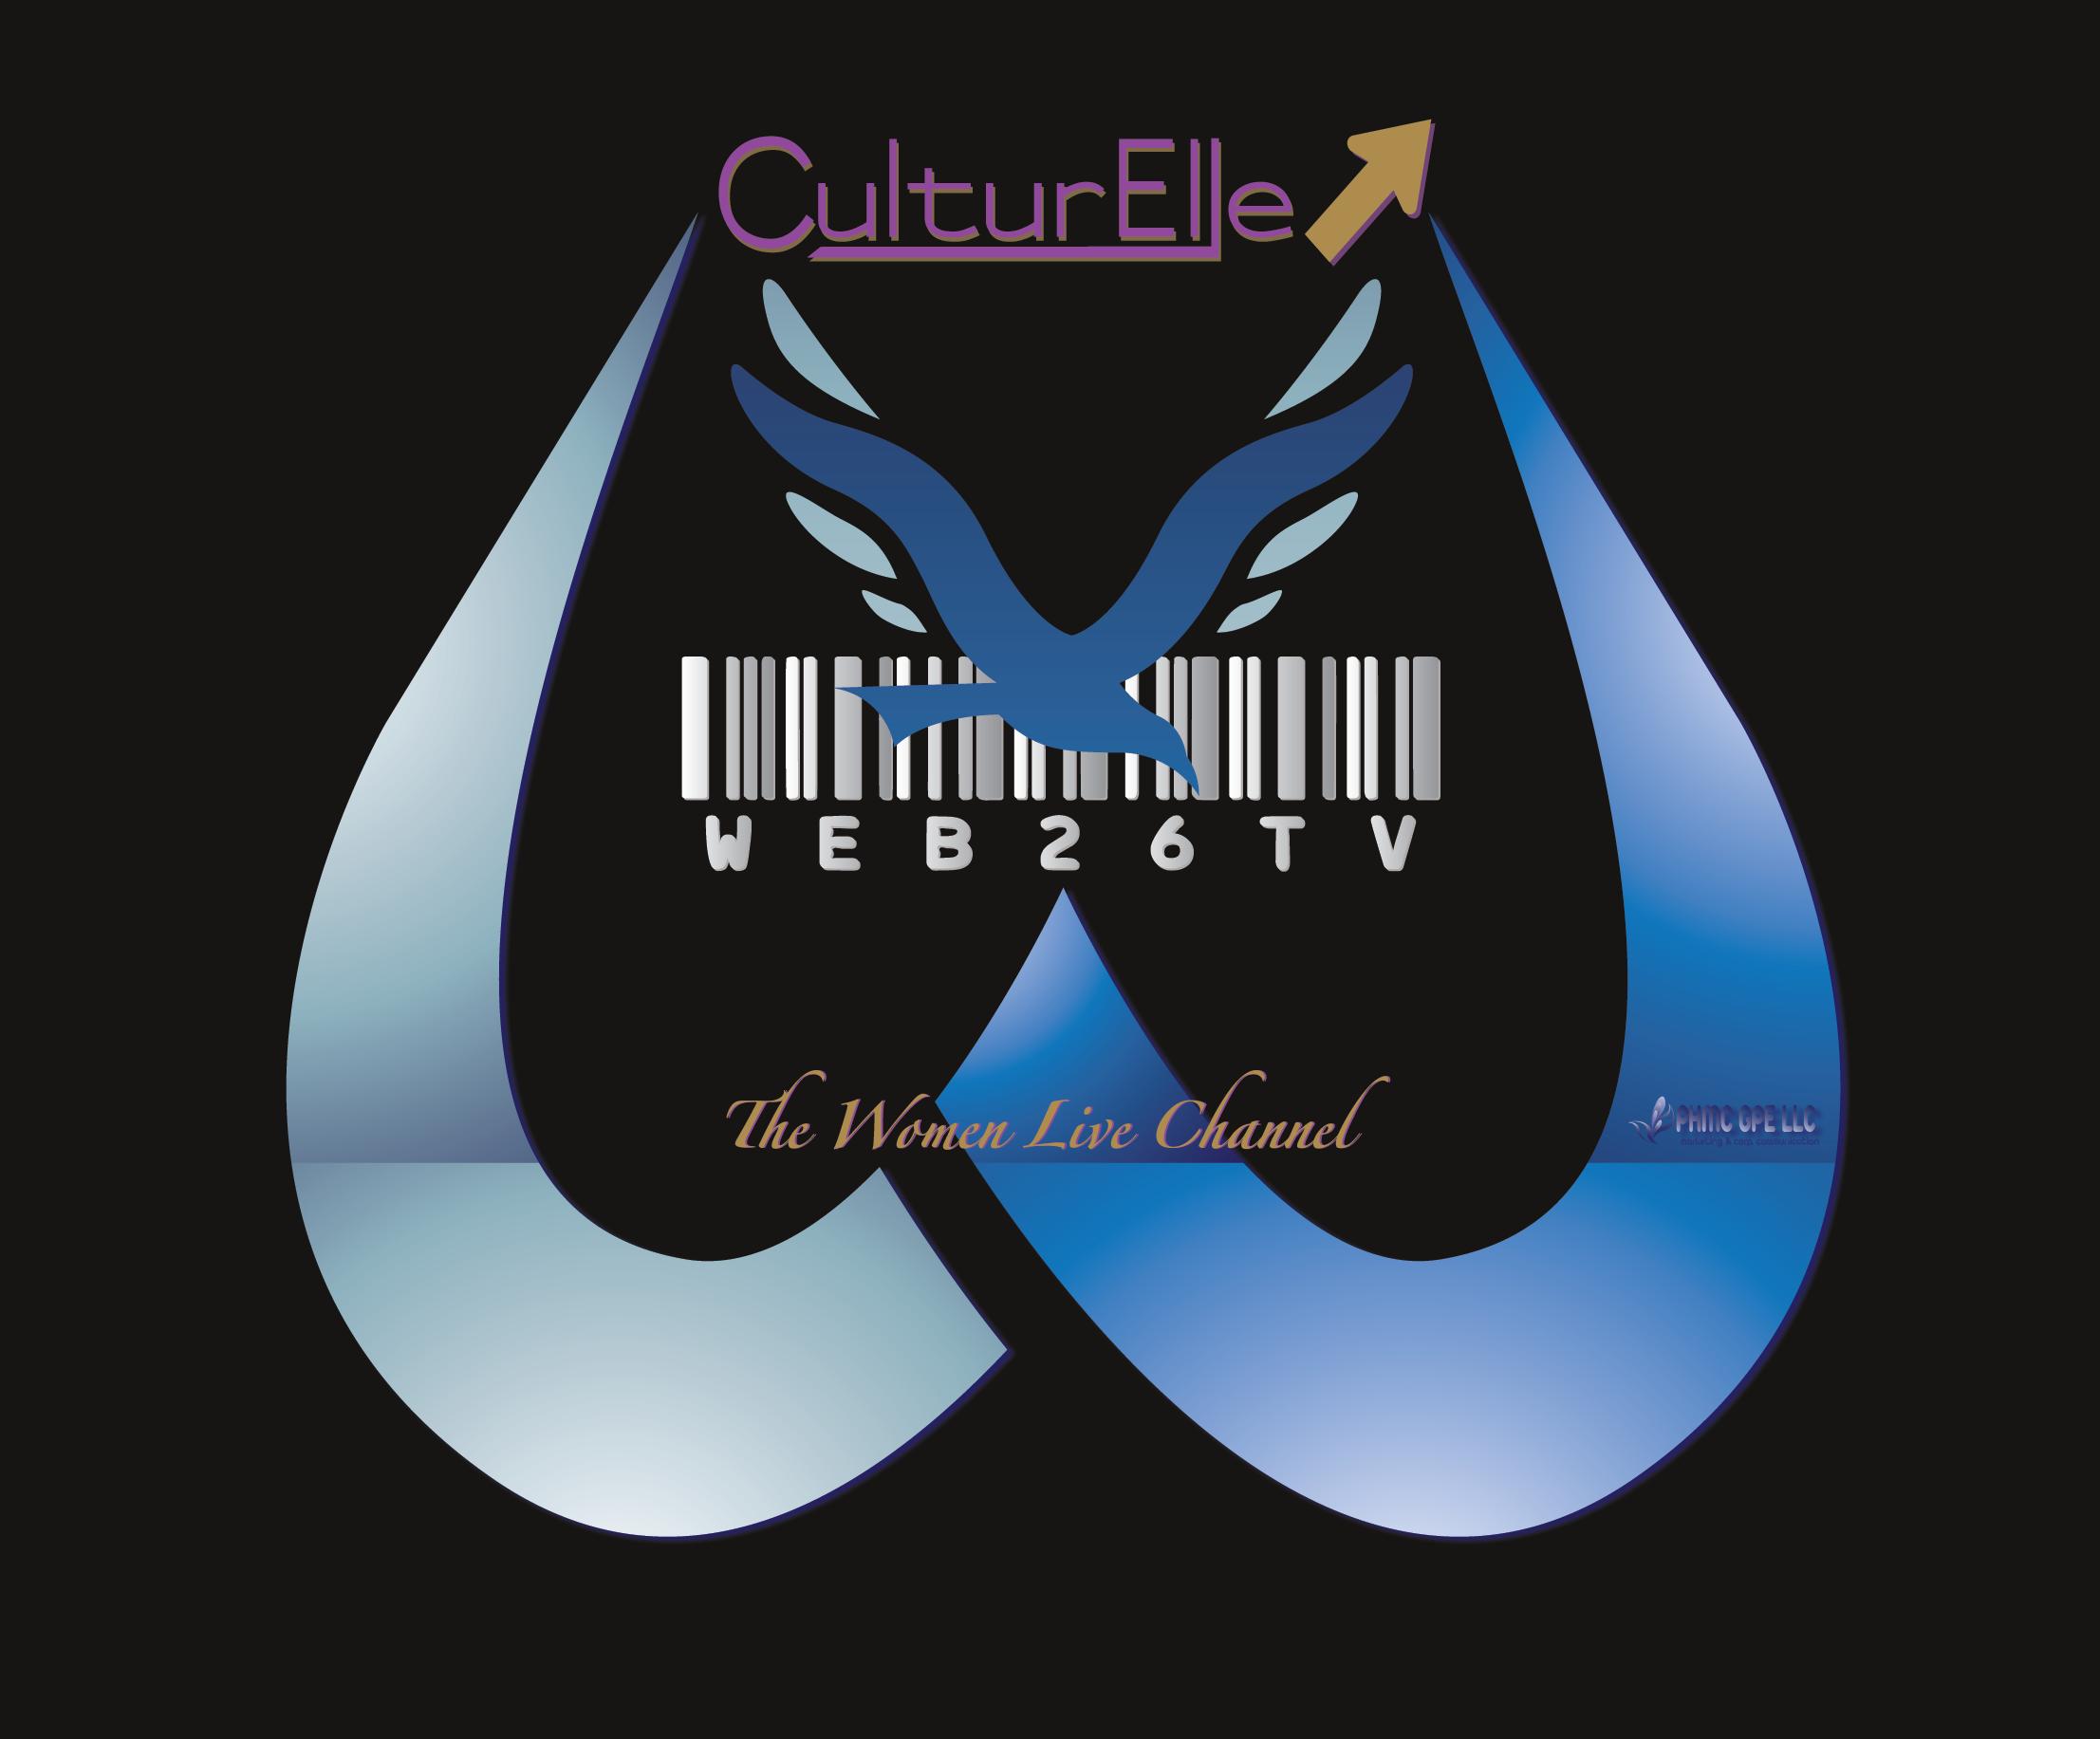 Web26-Cultur-elle_sketch-01.png